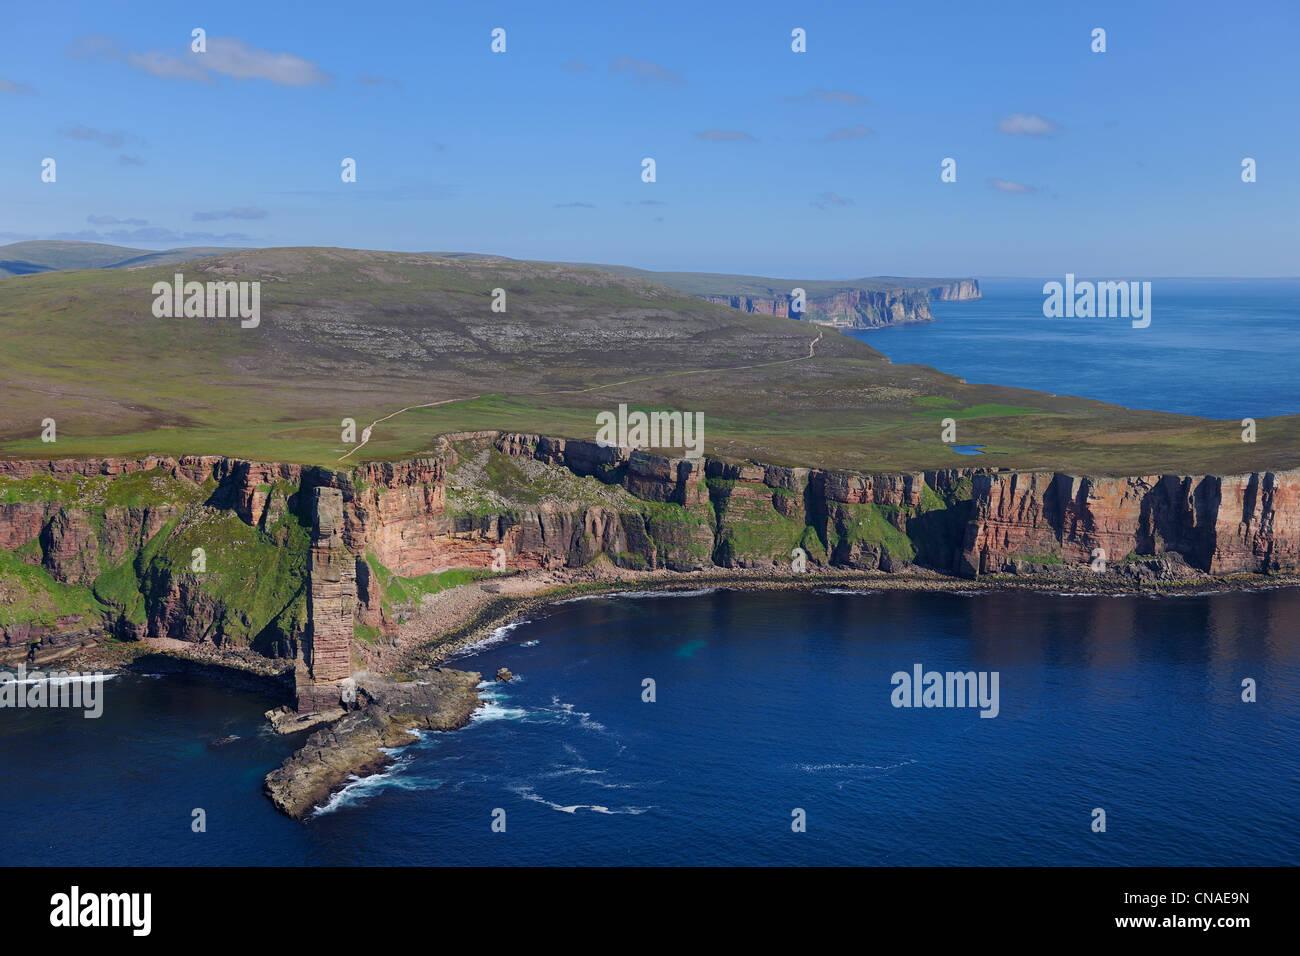 Großbritannien, Schottland, Orkney-Inseln, Insel Hoy, das unverwechselbare Wahrzeichen Old Man of Hoy ist ein Stockbild